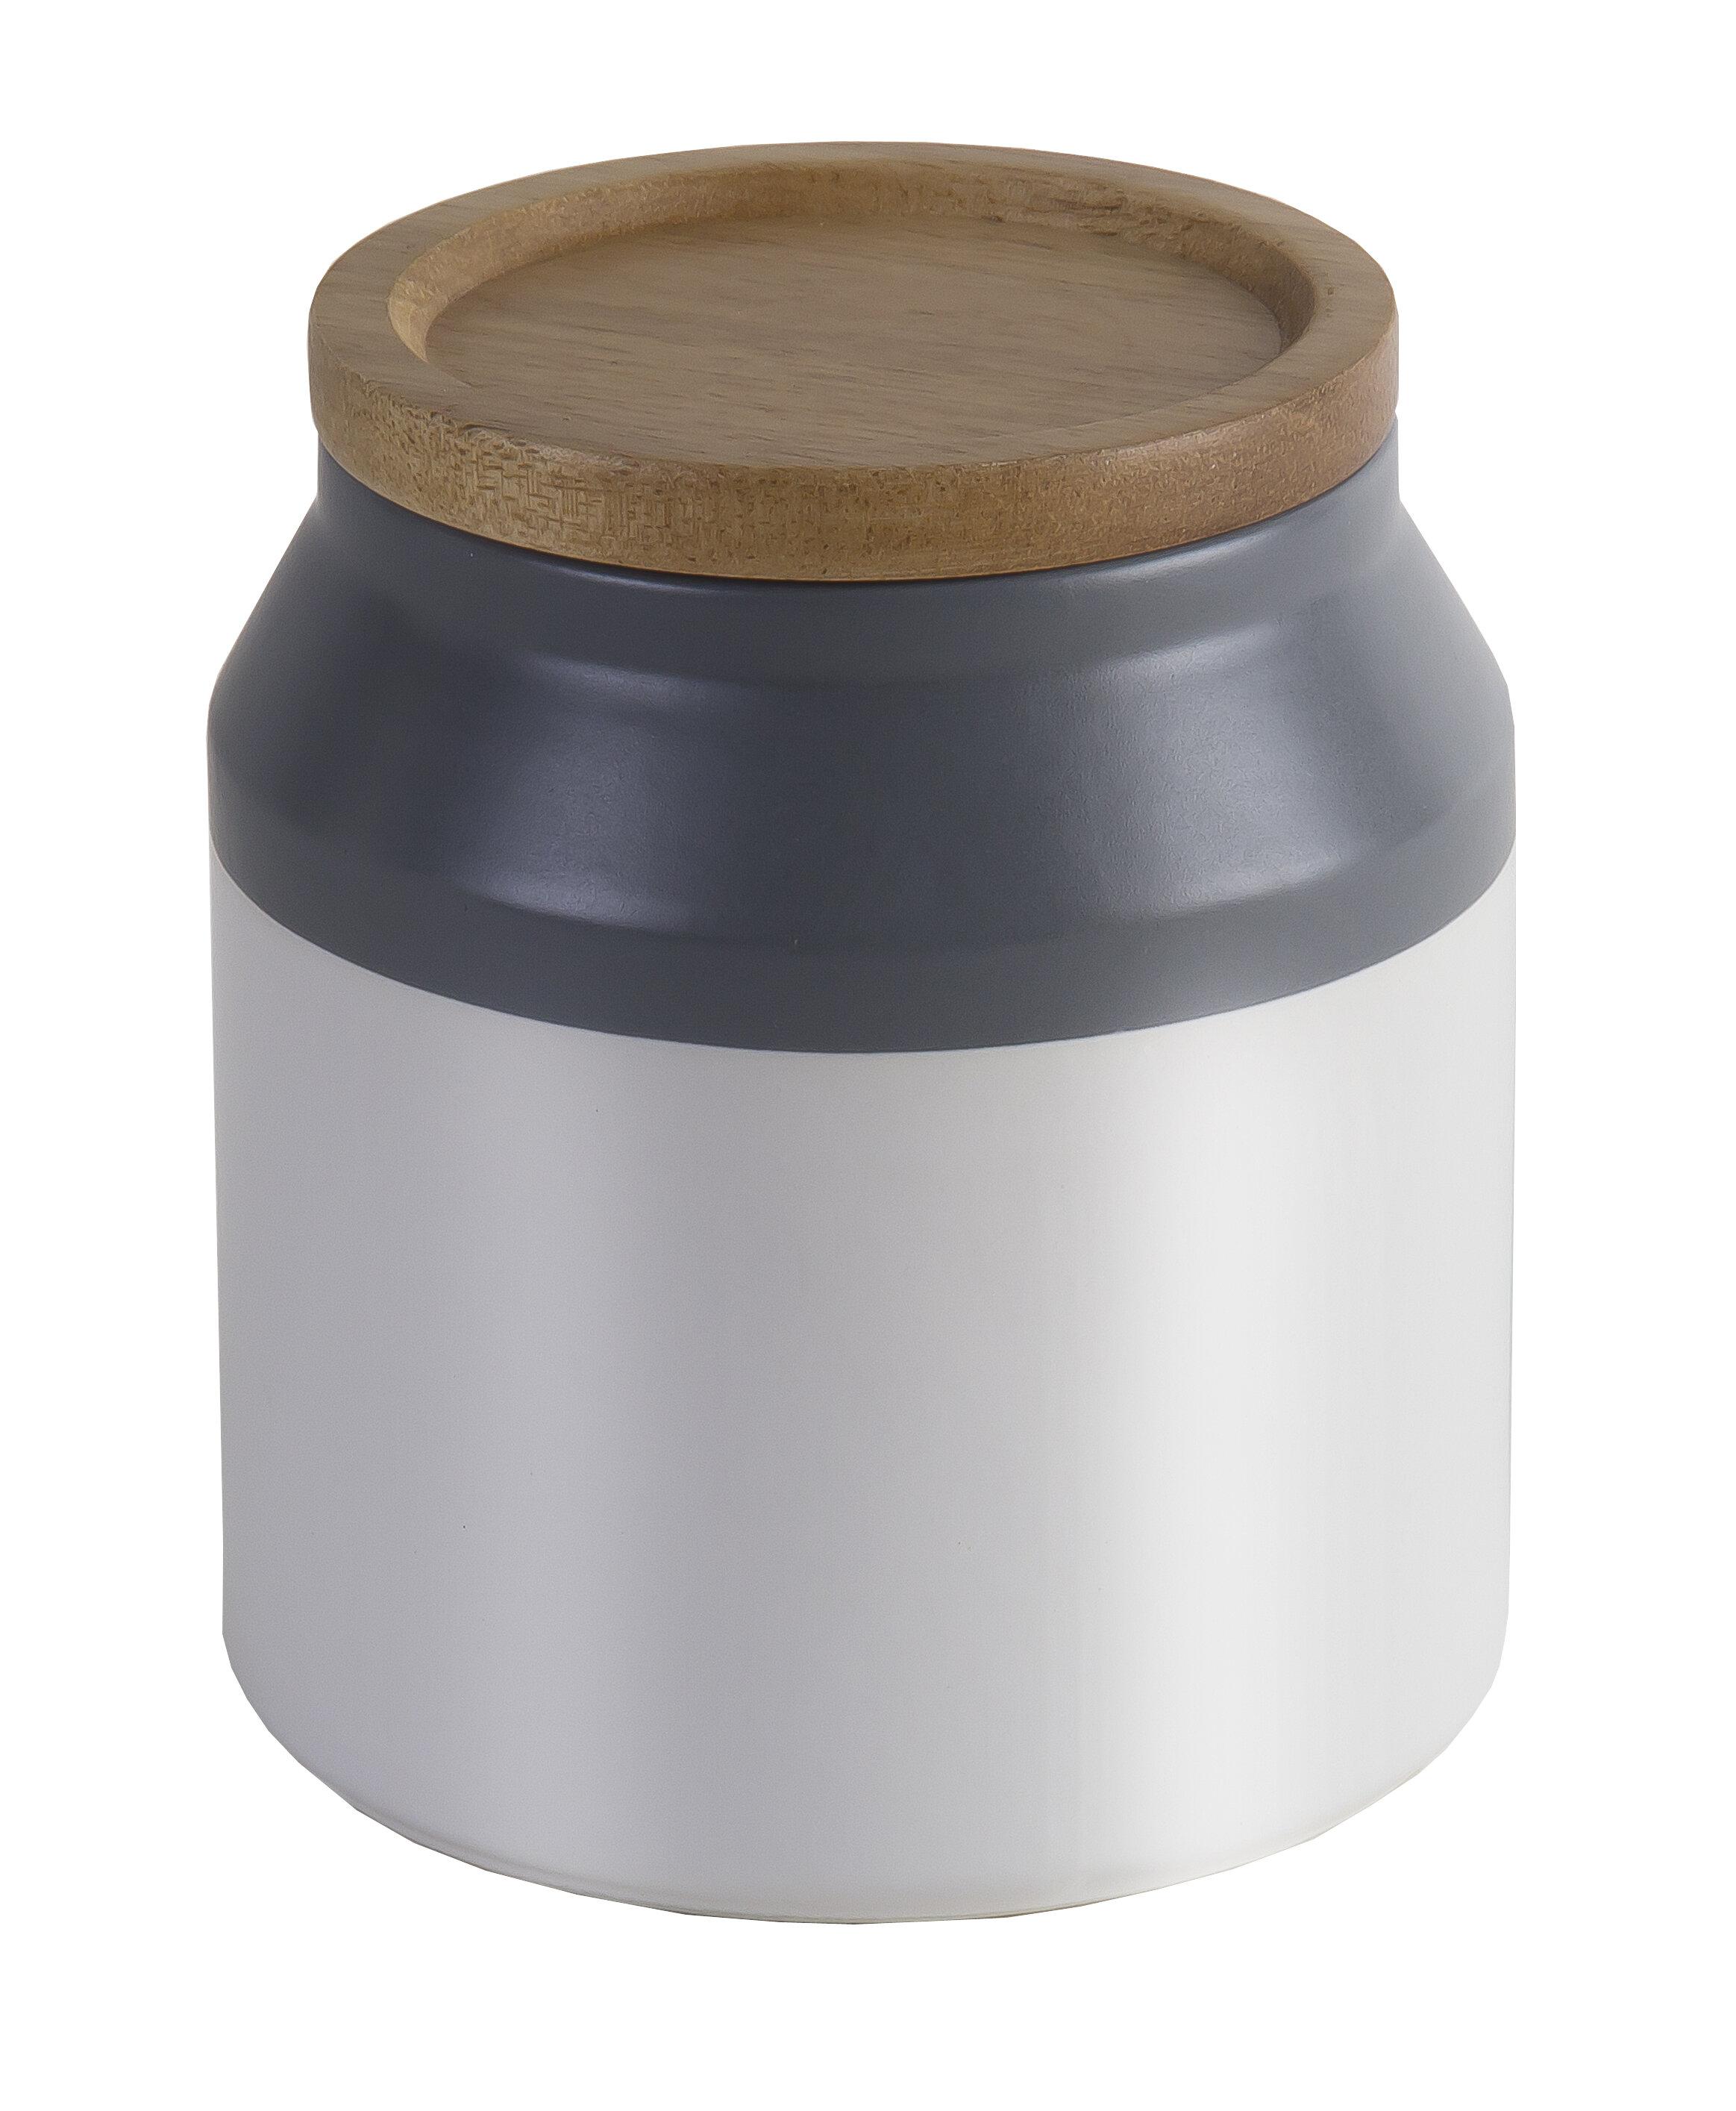 Jamie Oliver Food Ceramic Storage Jar With Wooden Lid Reviews Wayfair